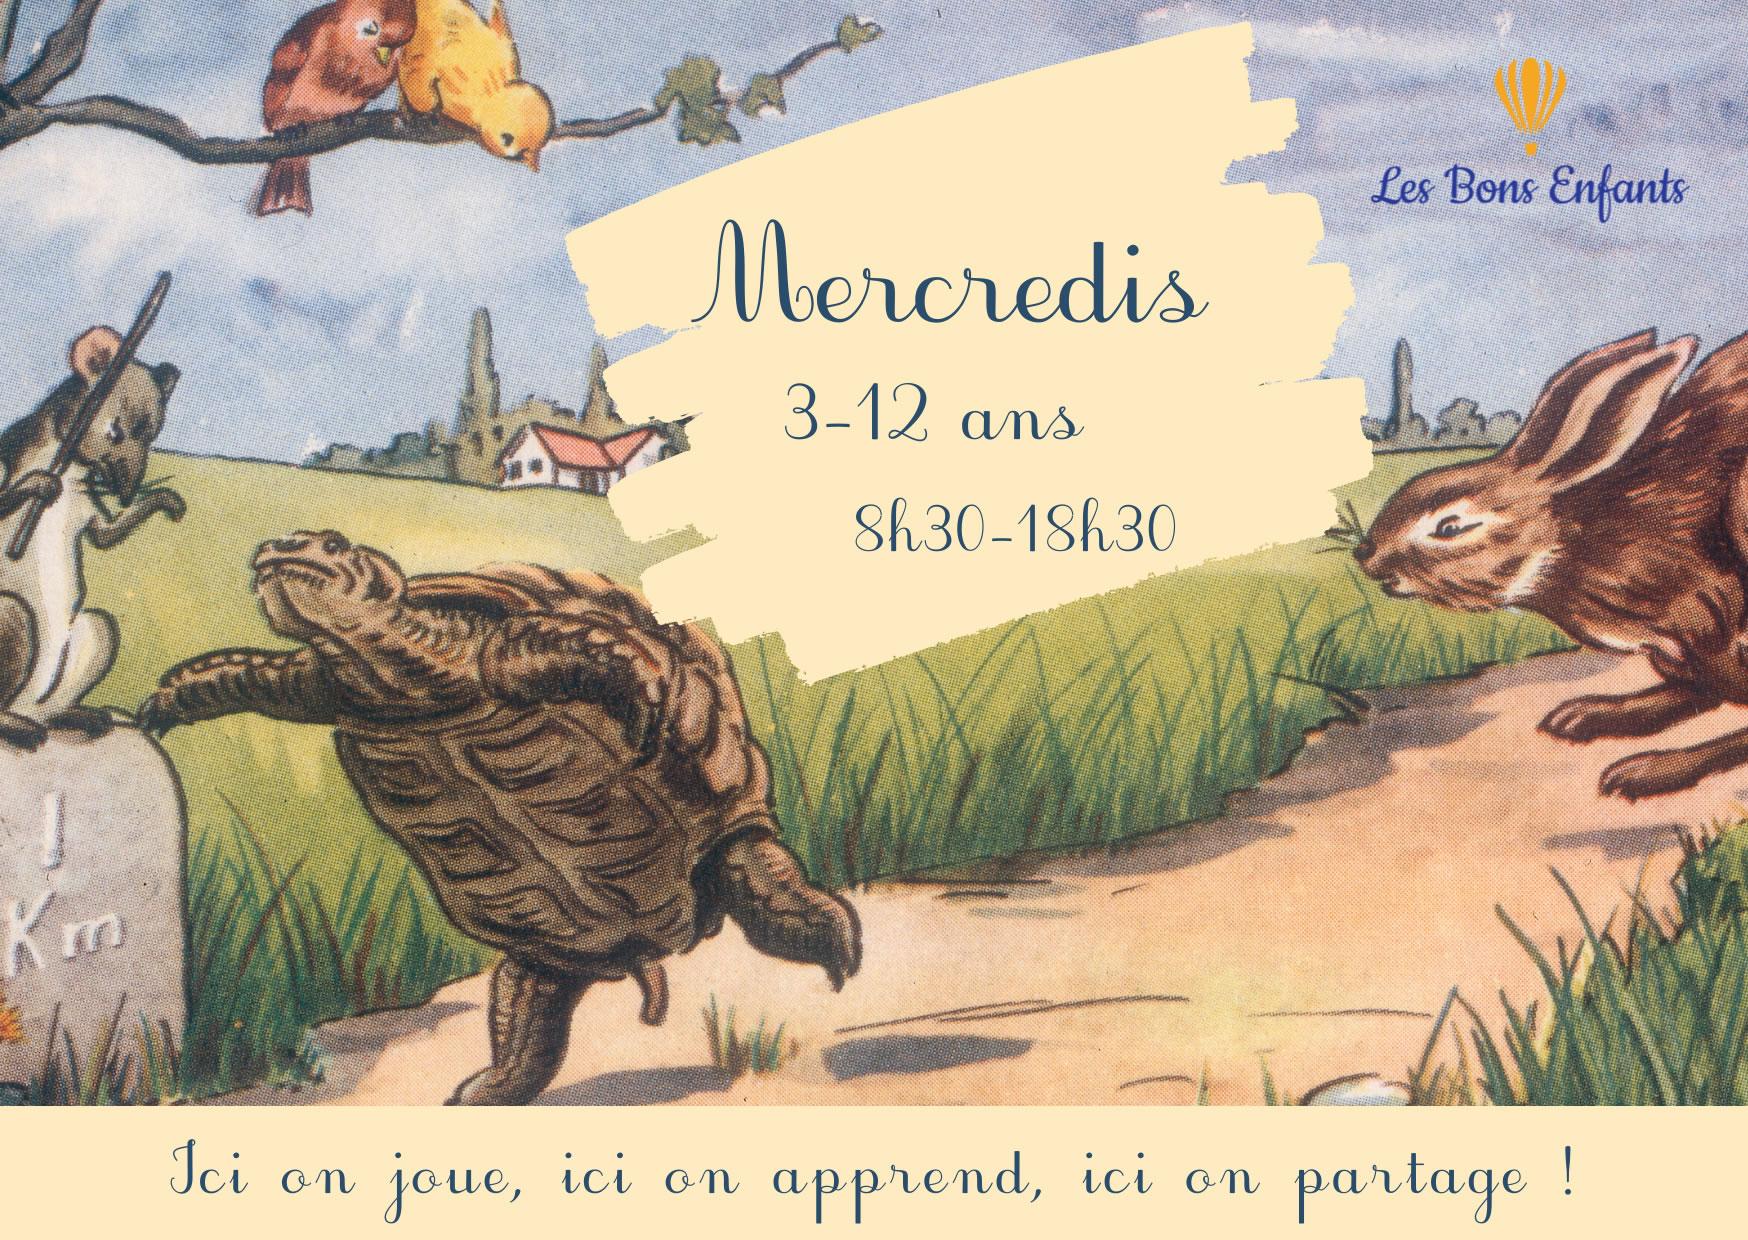 Les bons enfants - les mercredis _ Paris ouest